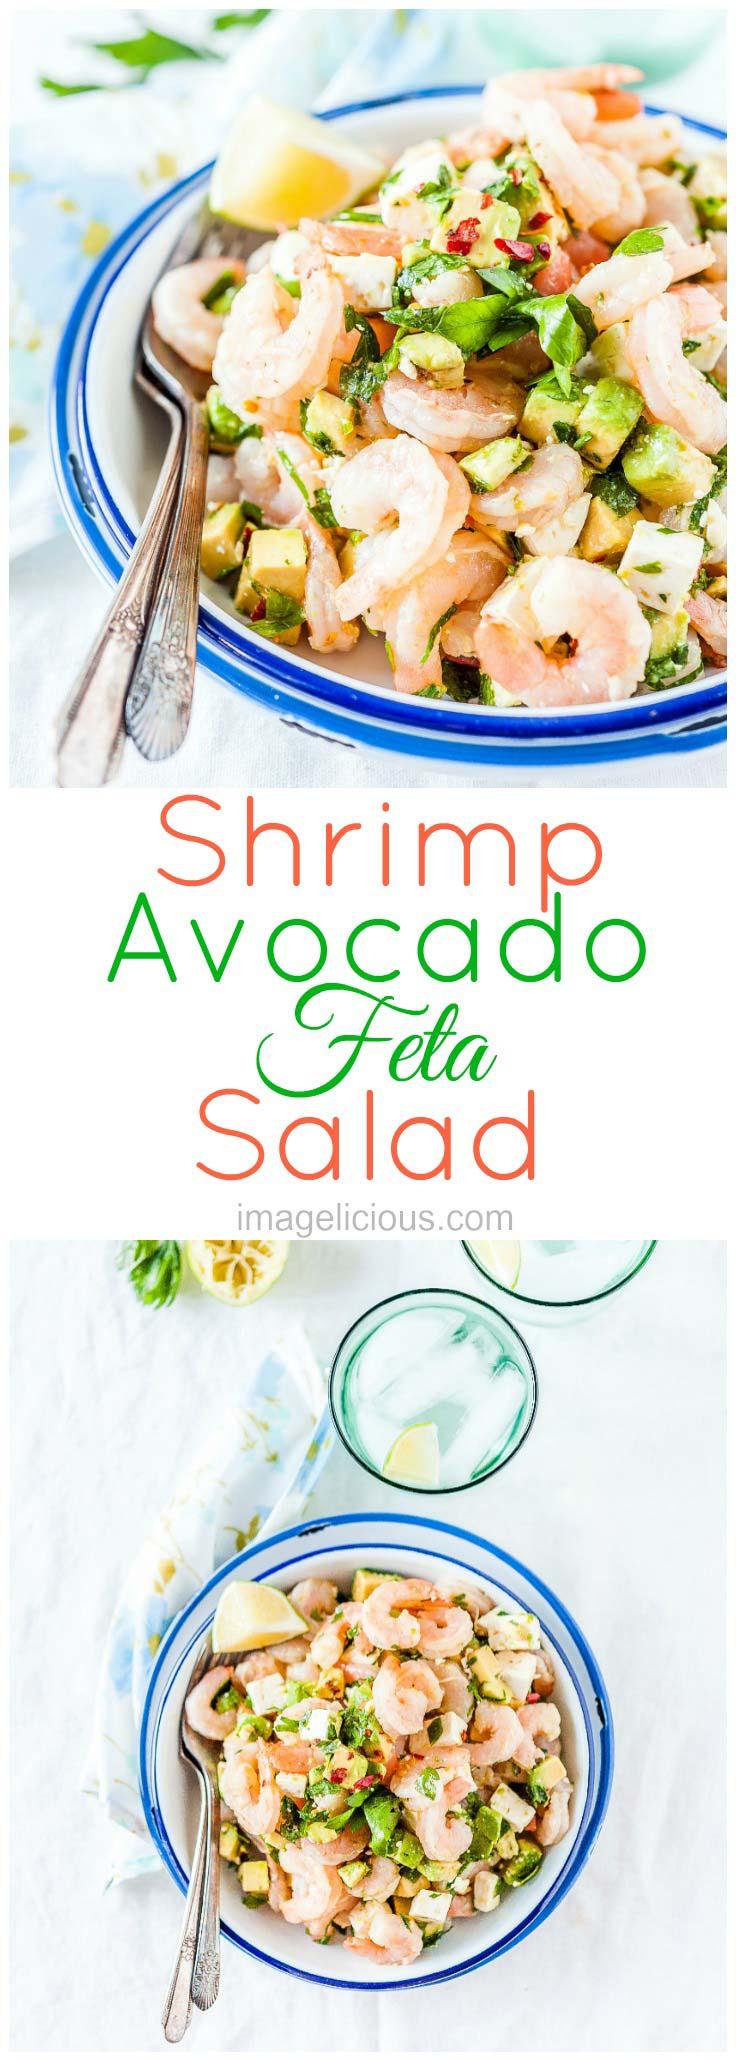 Shrimp | Avocado | Feta | Salad | Healthy | Easy | Quick | 5-minutes | Imagelicious